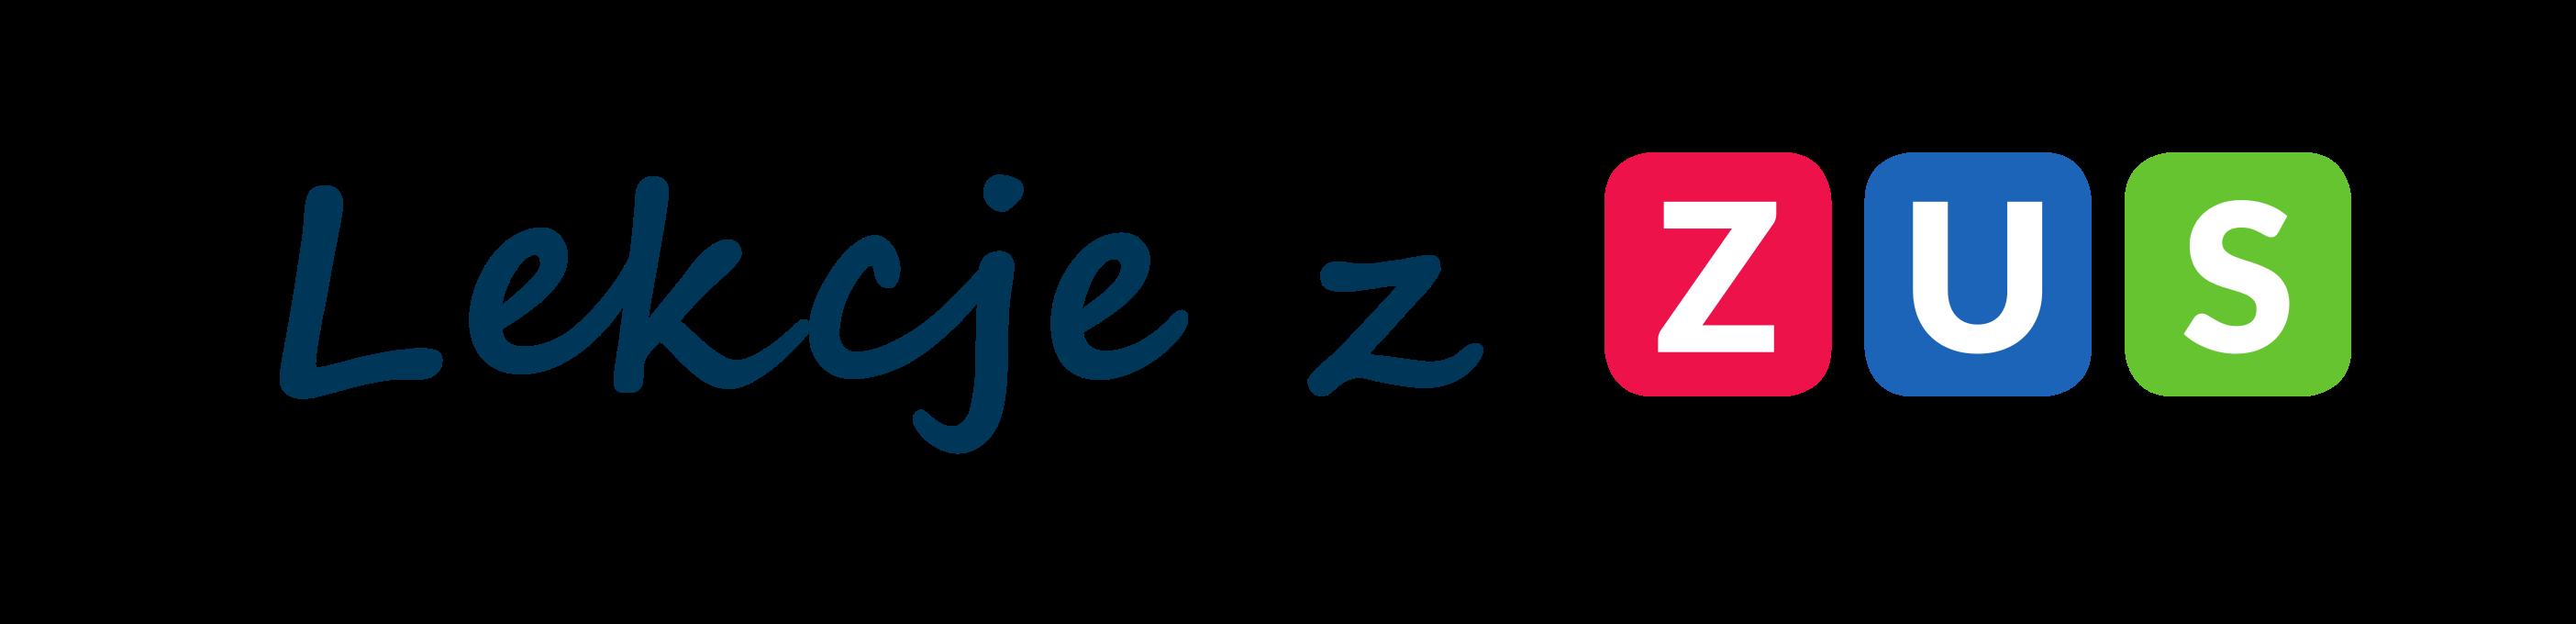 logo lekcje z zus